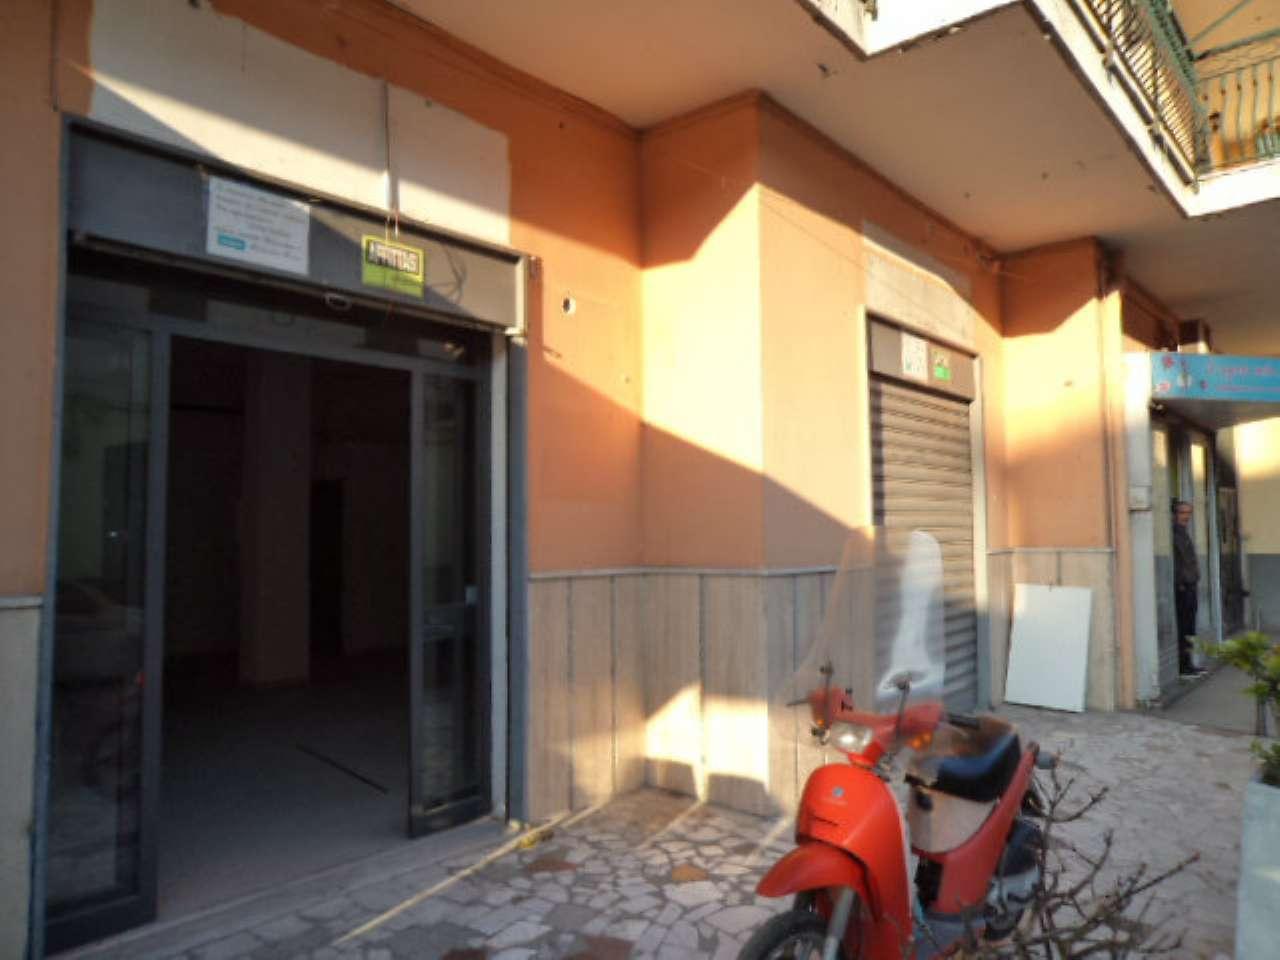 Negozio / Locale in affitto a Giugliano in Campania, 1 locali, prezzo € 600 | Cambio Casa.it